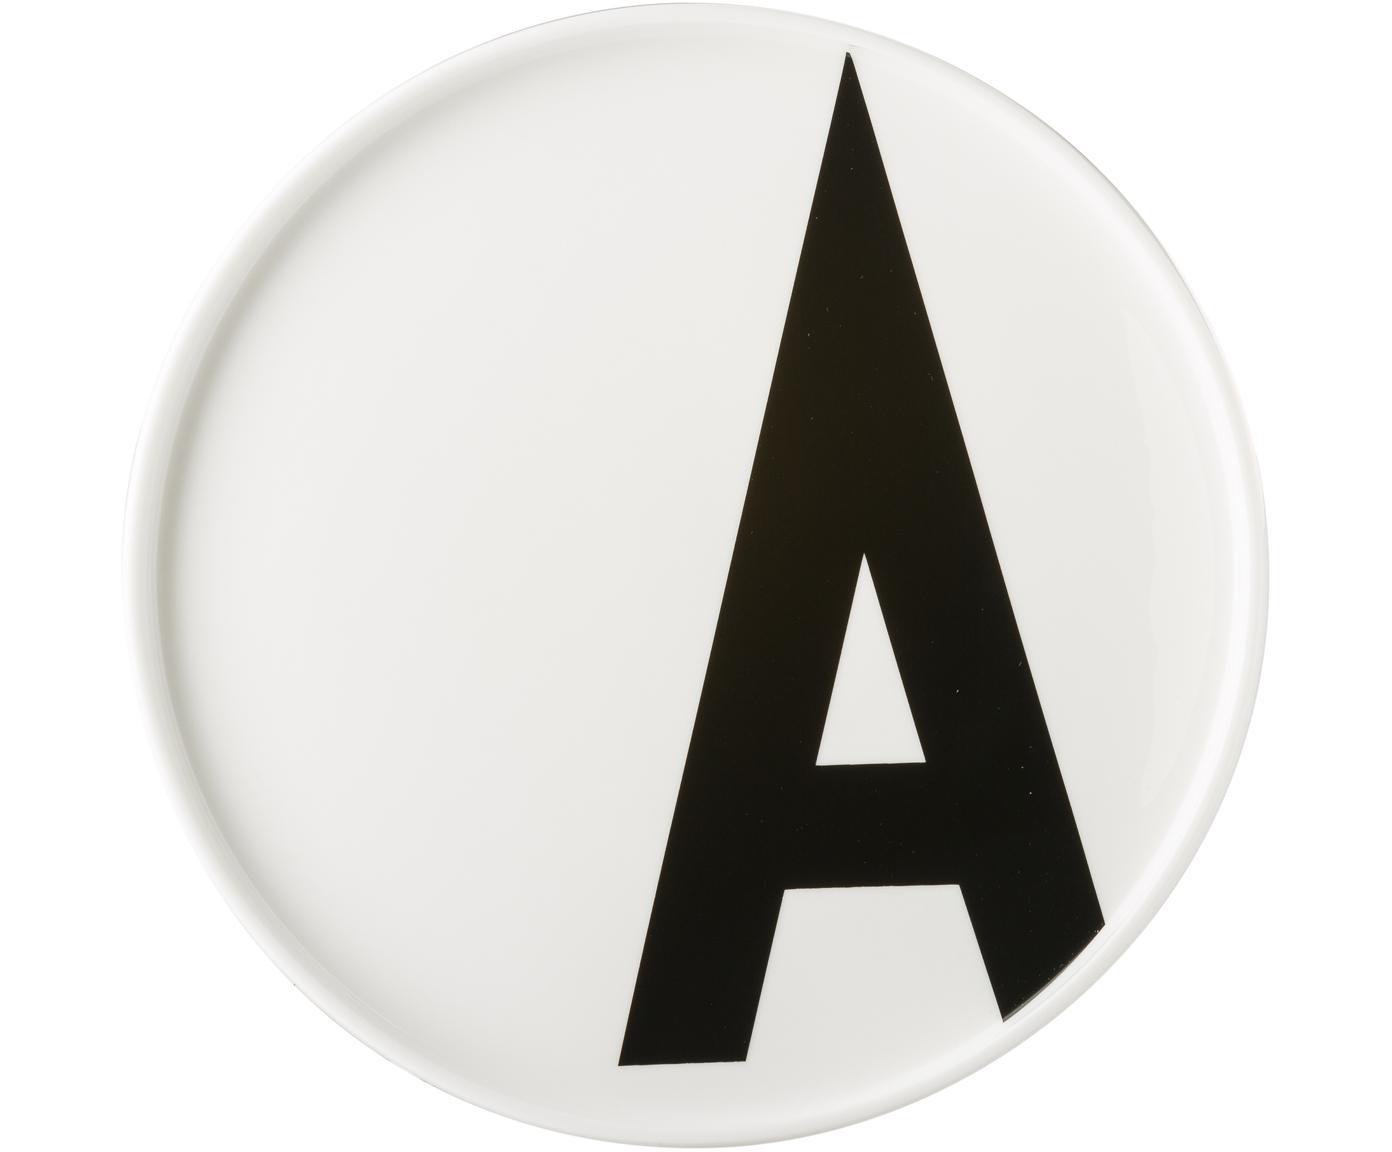 Talerz Personal (warianty od A do Z), Porcelana chińska, Biały, czarny, Ø 22 x W 2 cm